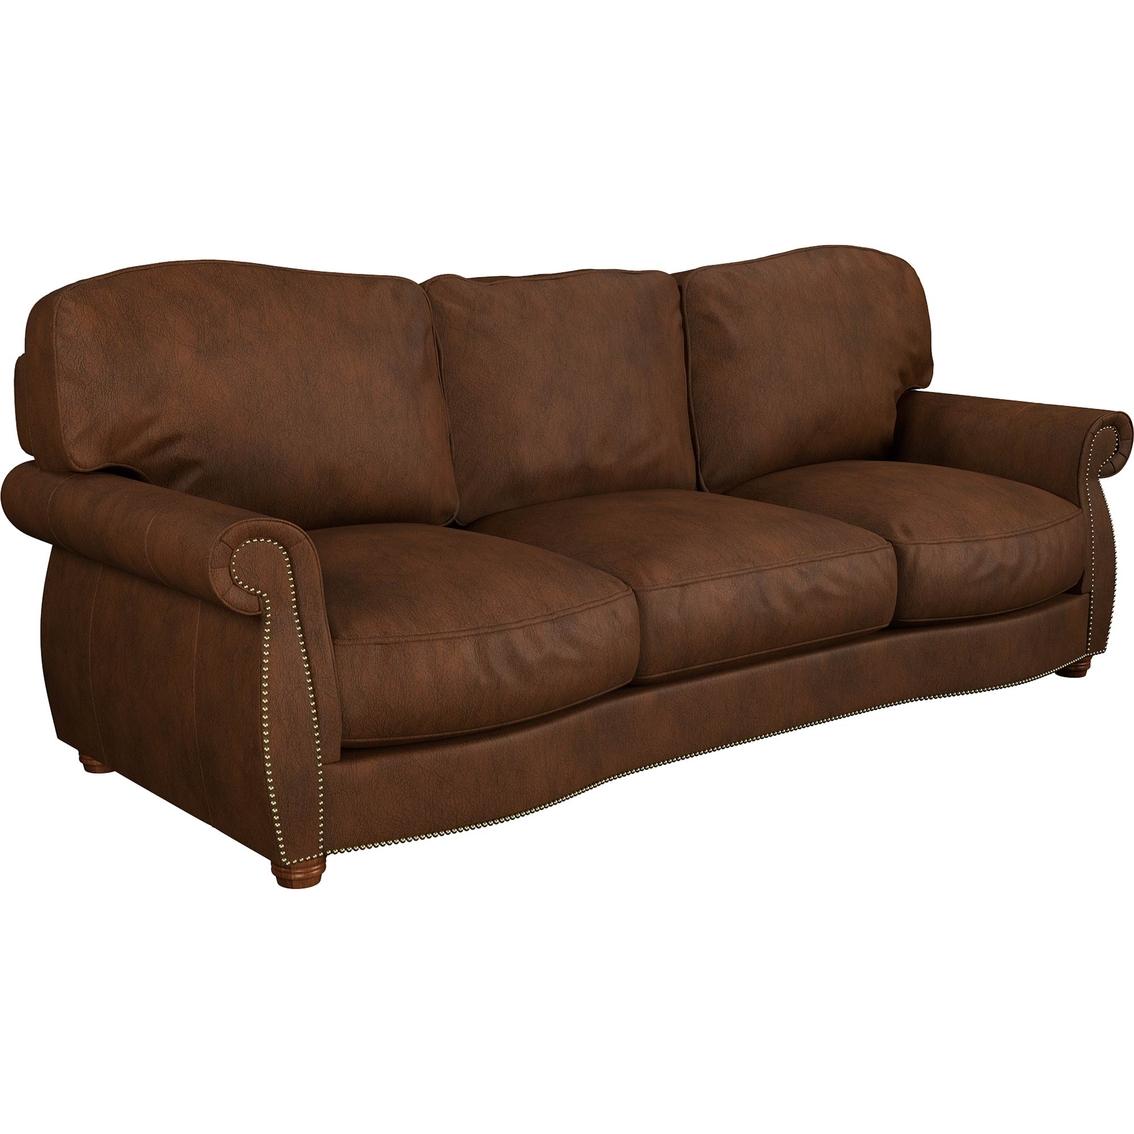 Omnia Leather Huntington Sofa